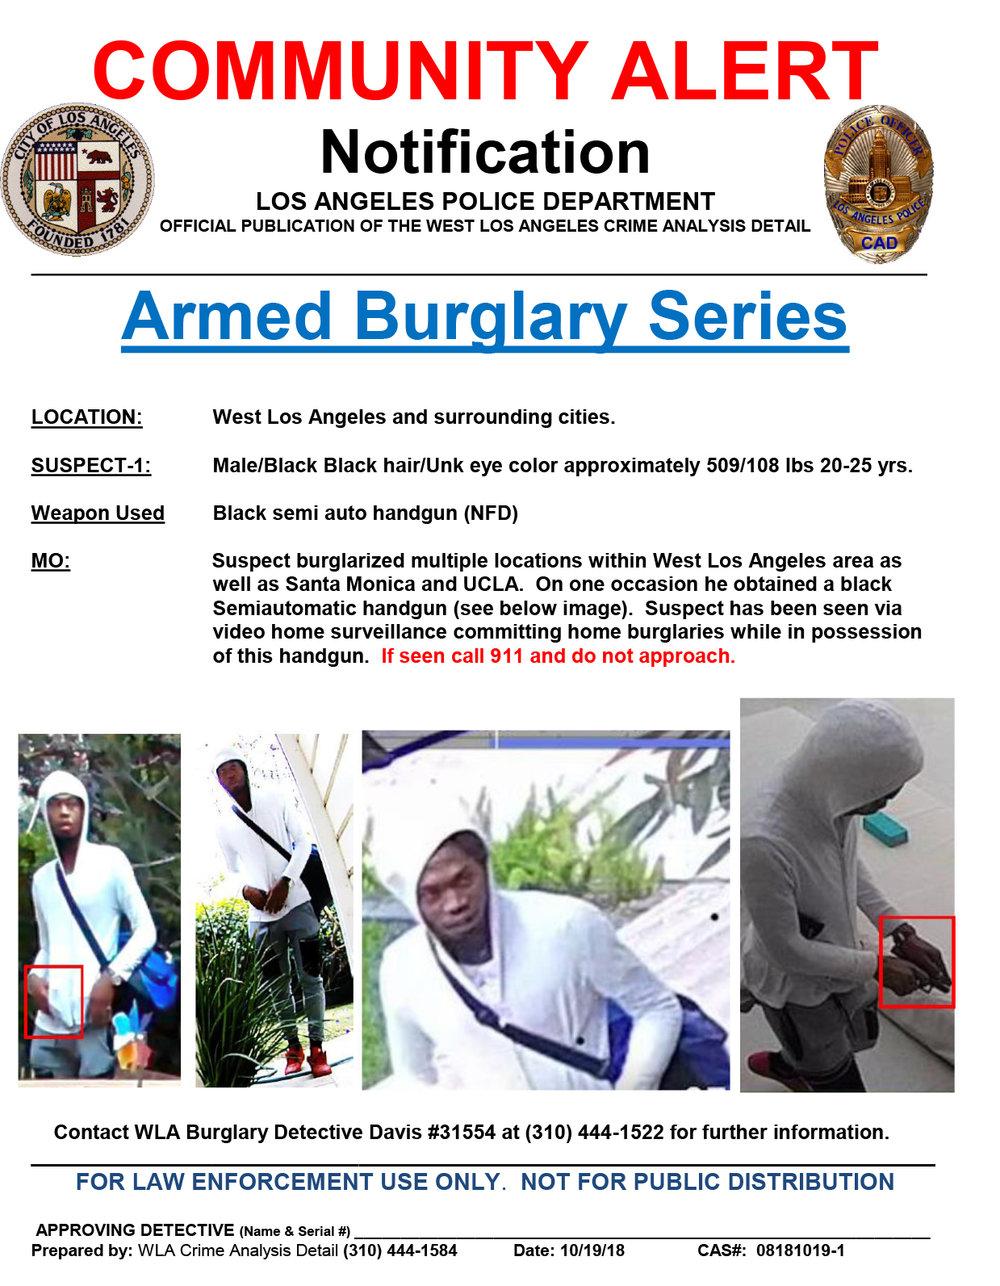 08181019-U1,-180800712-Burglary-Community-Alert.jpg